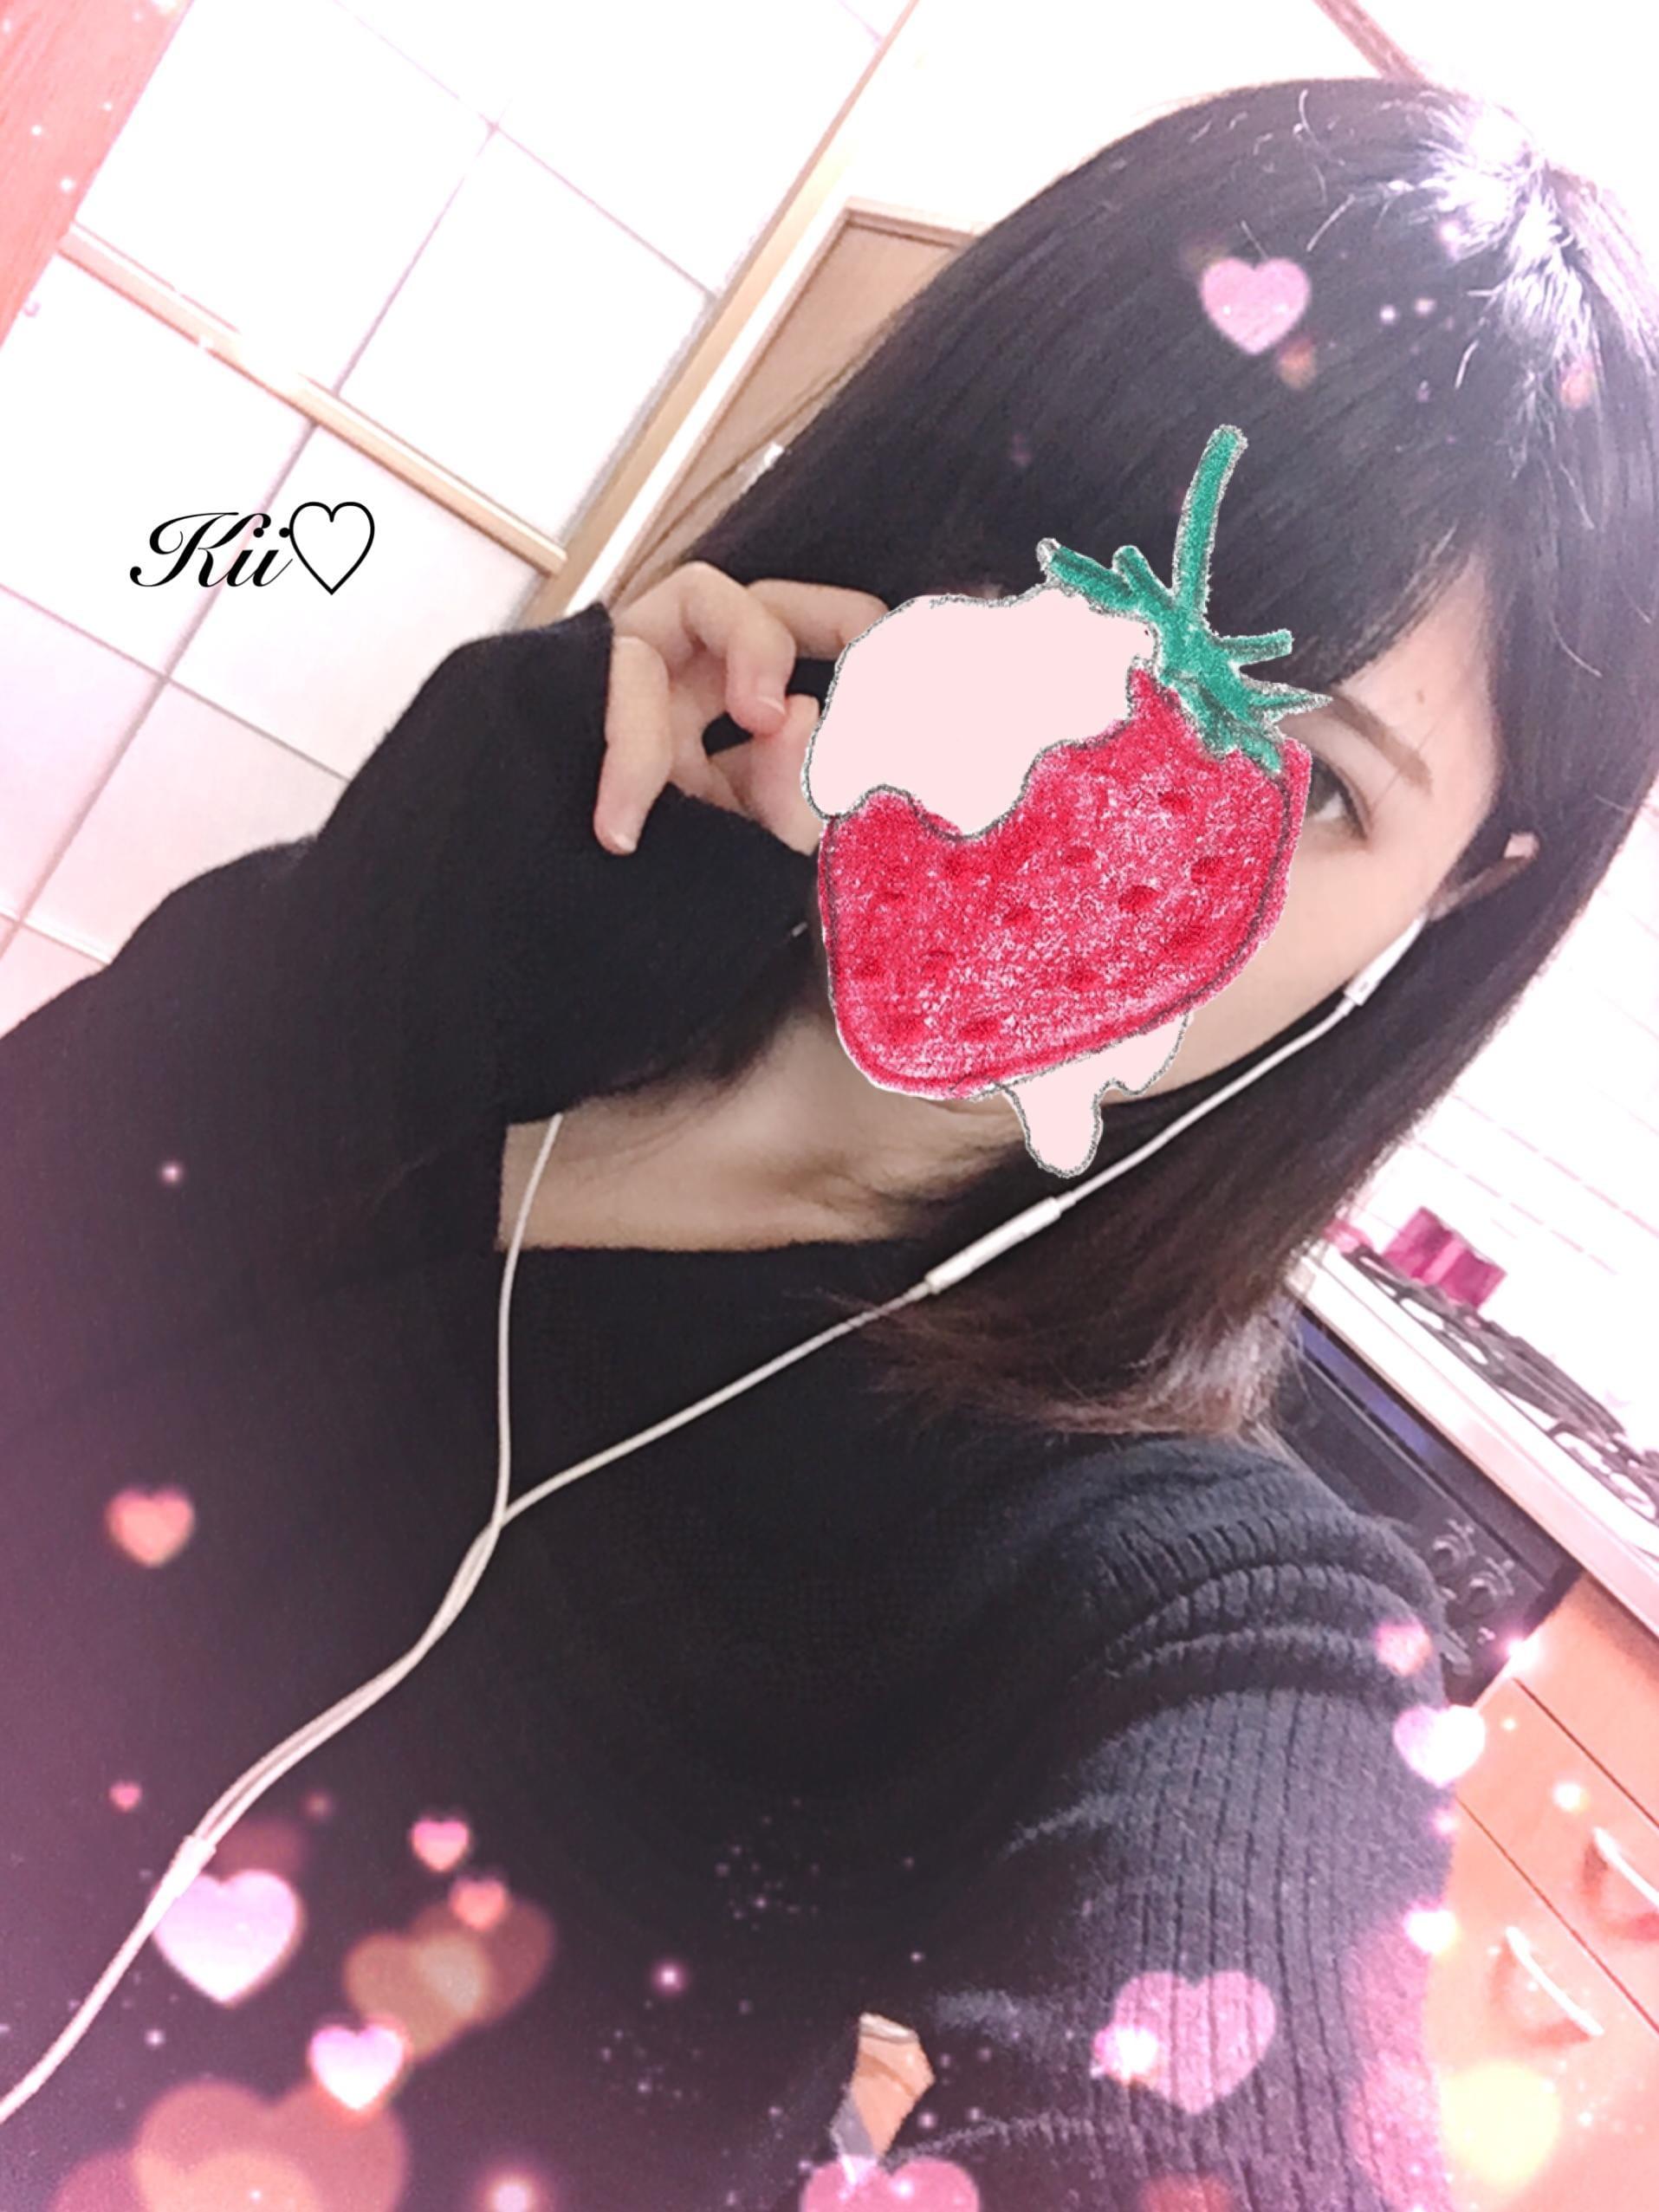 「シャキ( ?-?)」09/19(水) 04:25 | きいの写メ・風俗動画